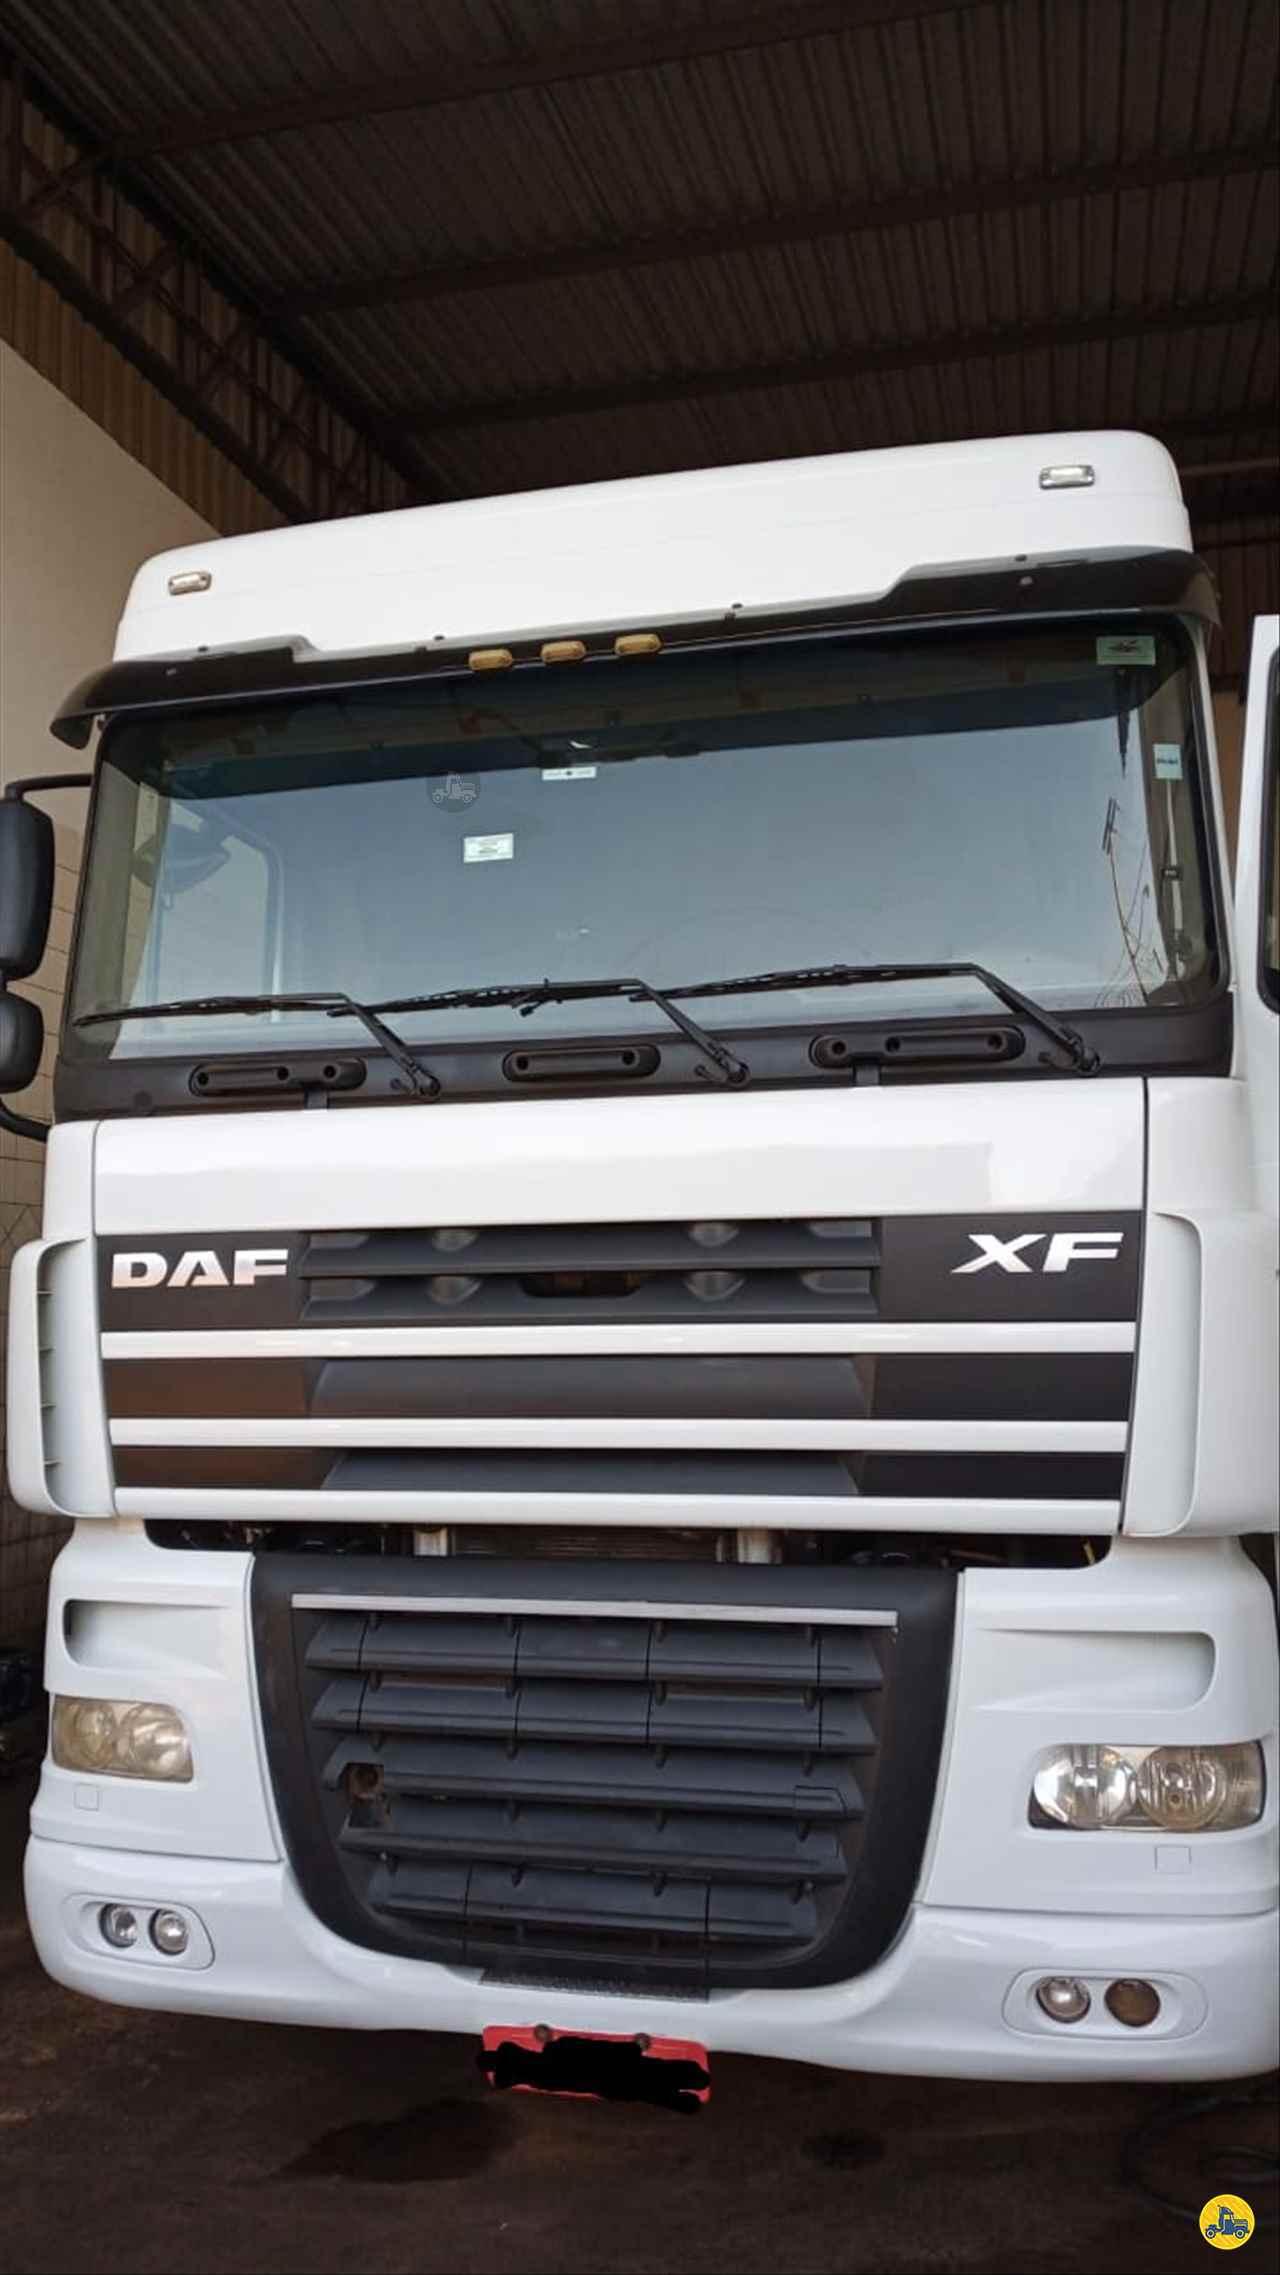 CAMINHAO DAF DAF XF105 460 Cavalo Mecânico Traçado 6x4 Mundial Caminhões e Carretas PALMITAL SÃO PAULO SP